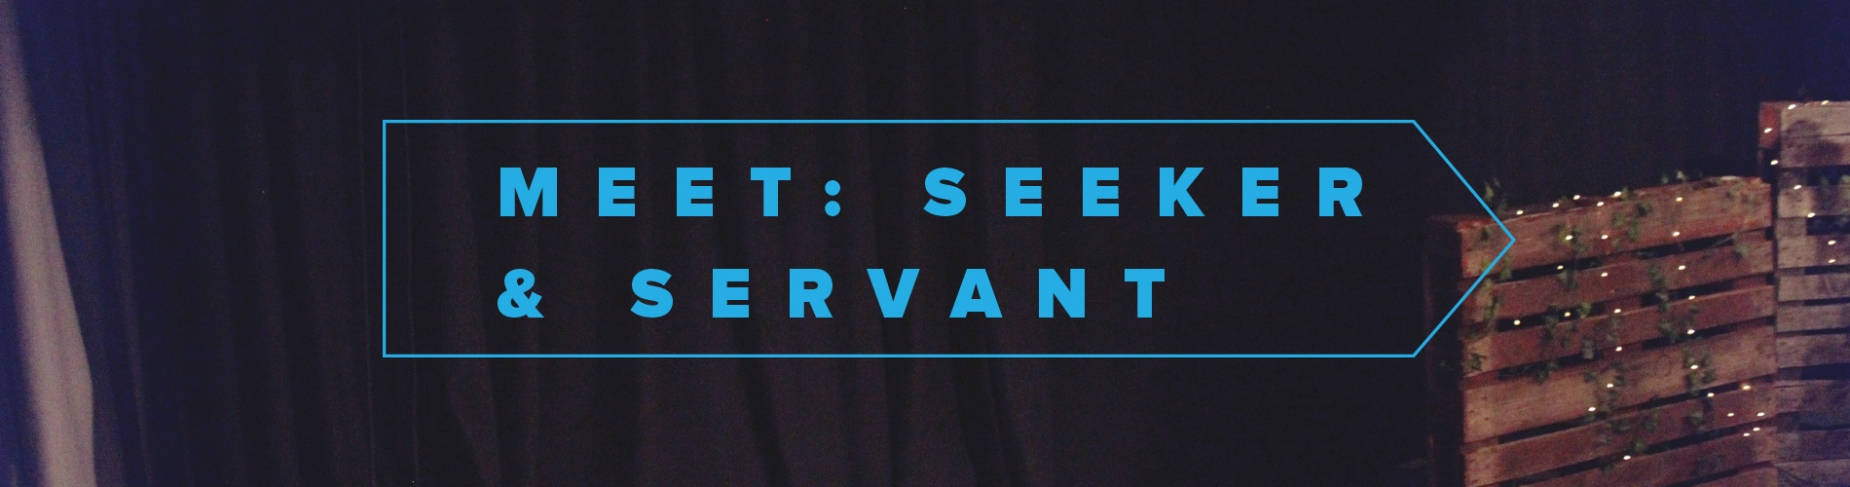 Meet: Seeker & Servant